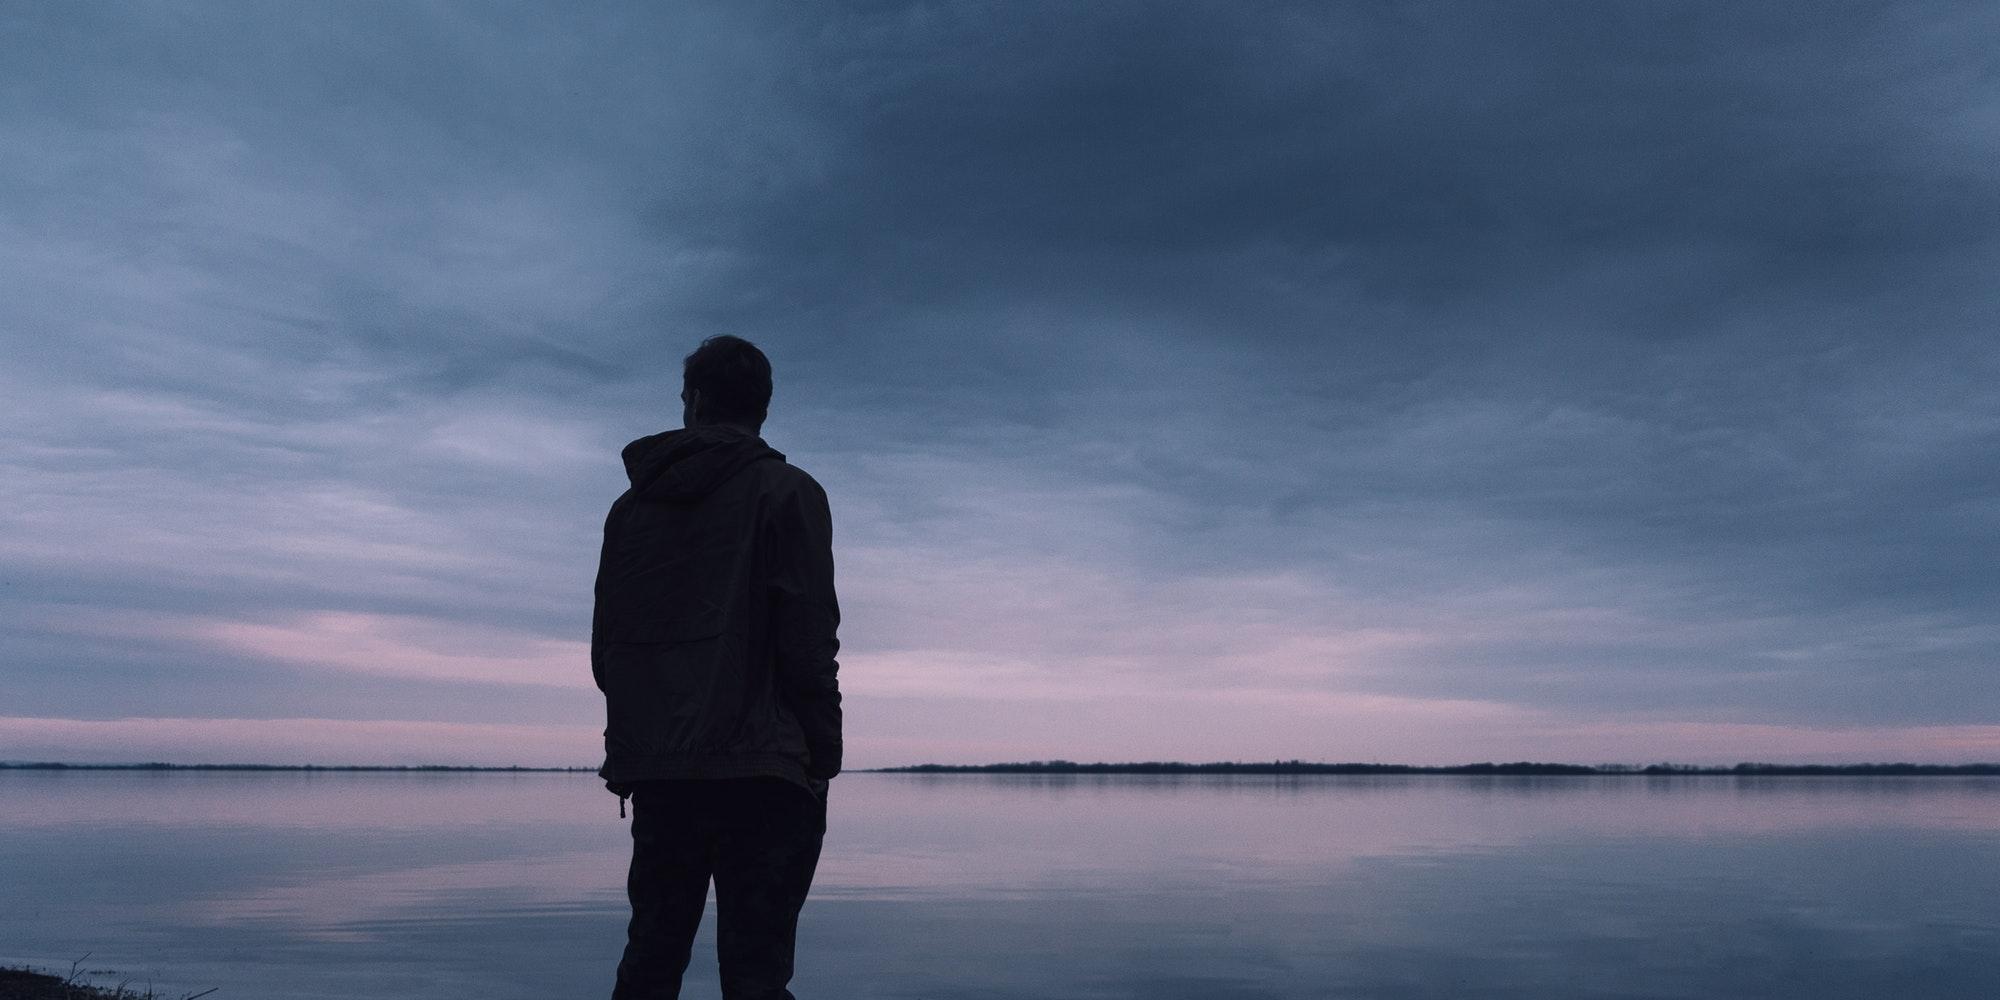 Da li introverzija ometa našu karijeru?